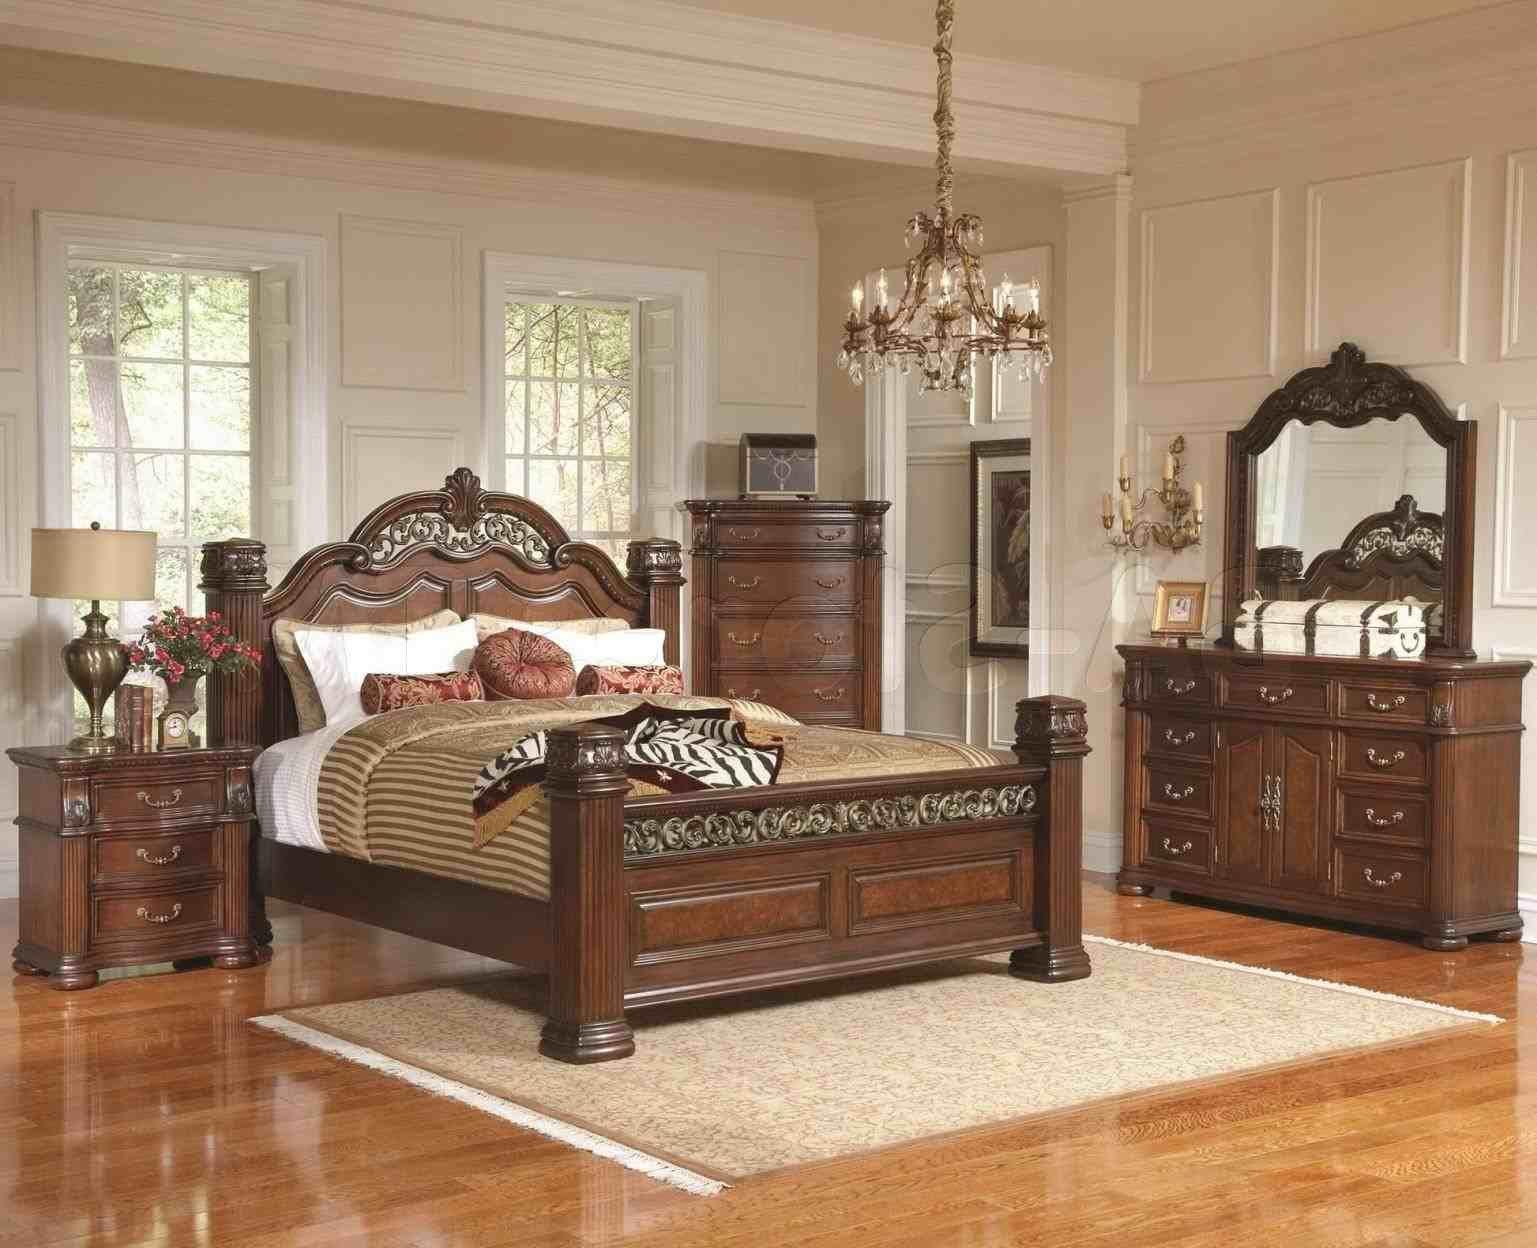 furniture design bedroom sets pakistani   master bedroom